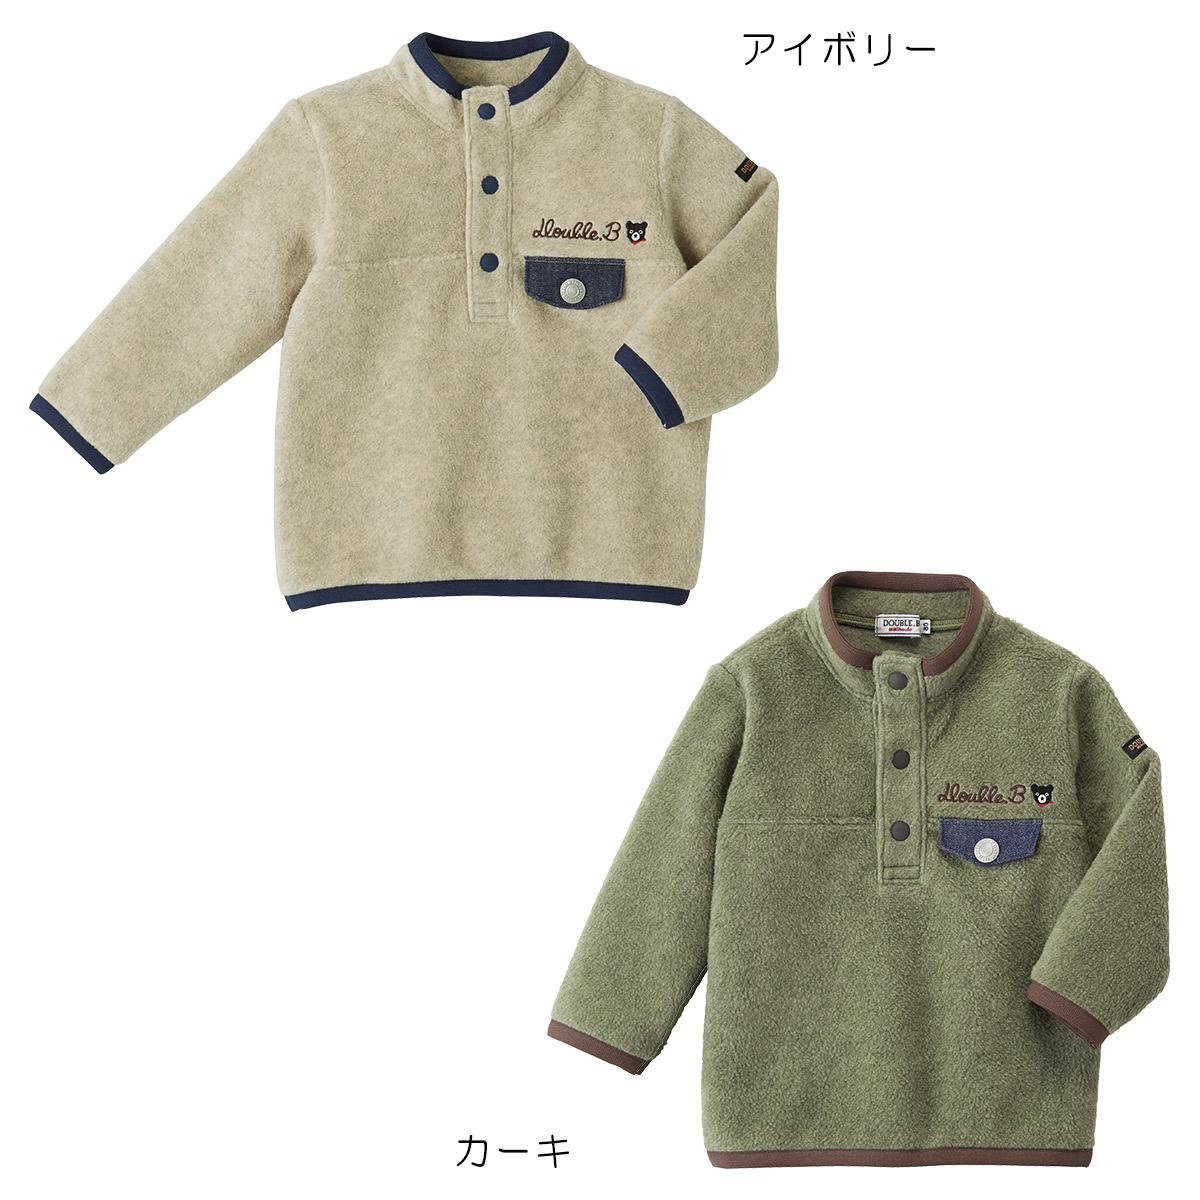 新着商品 ダブルビー トレーナー ¥9,350~